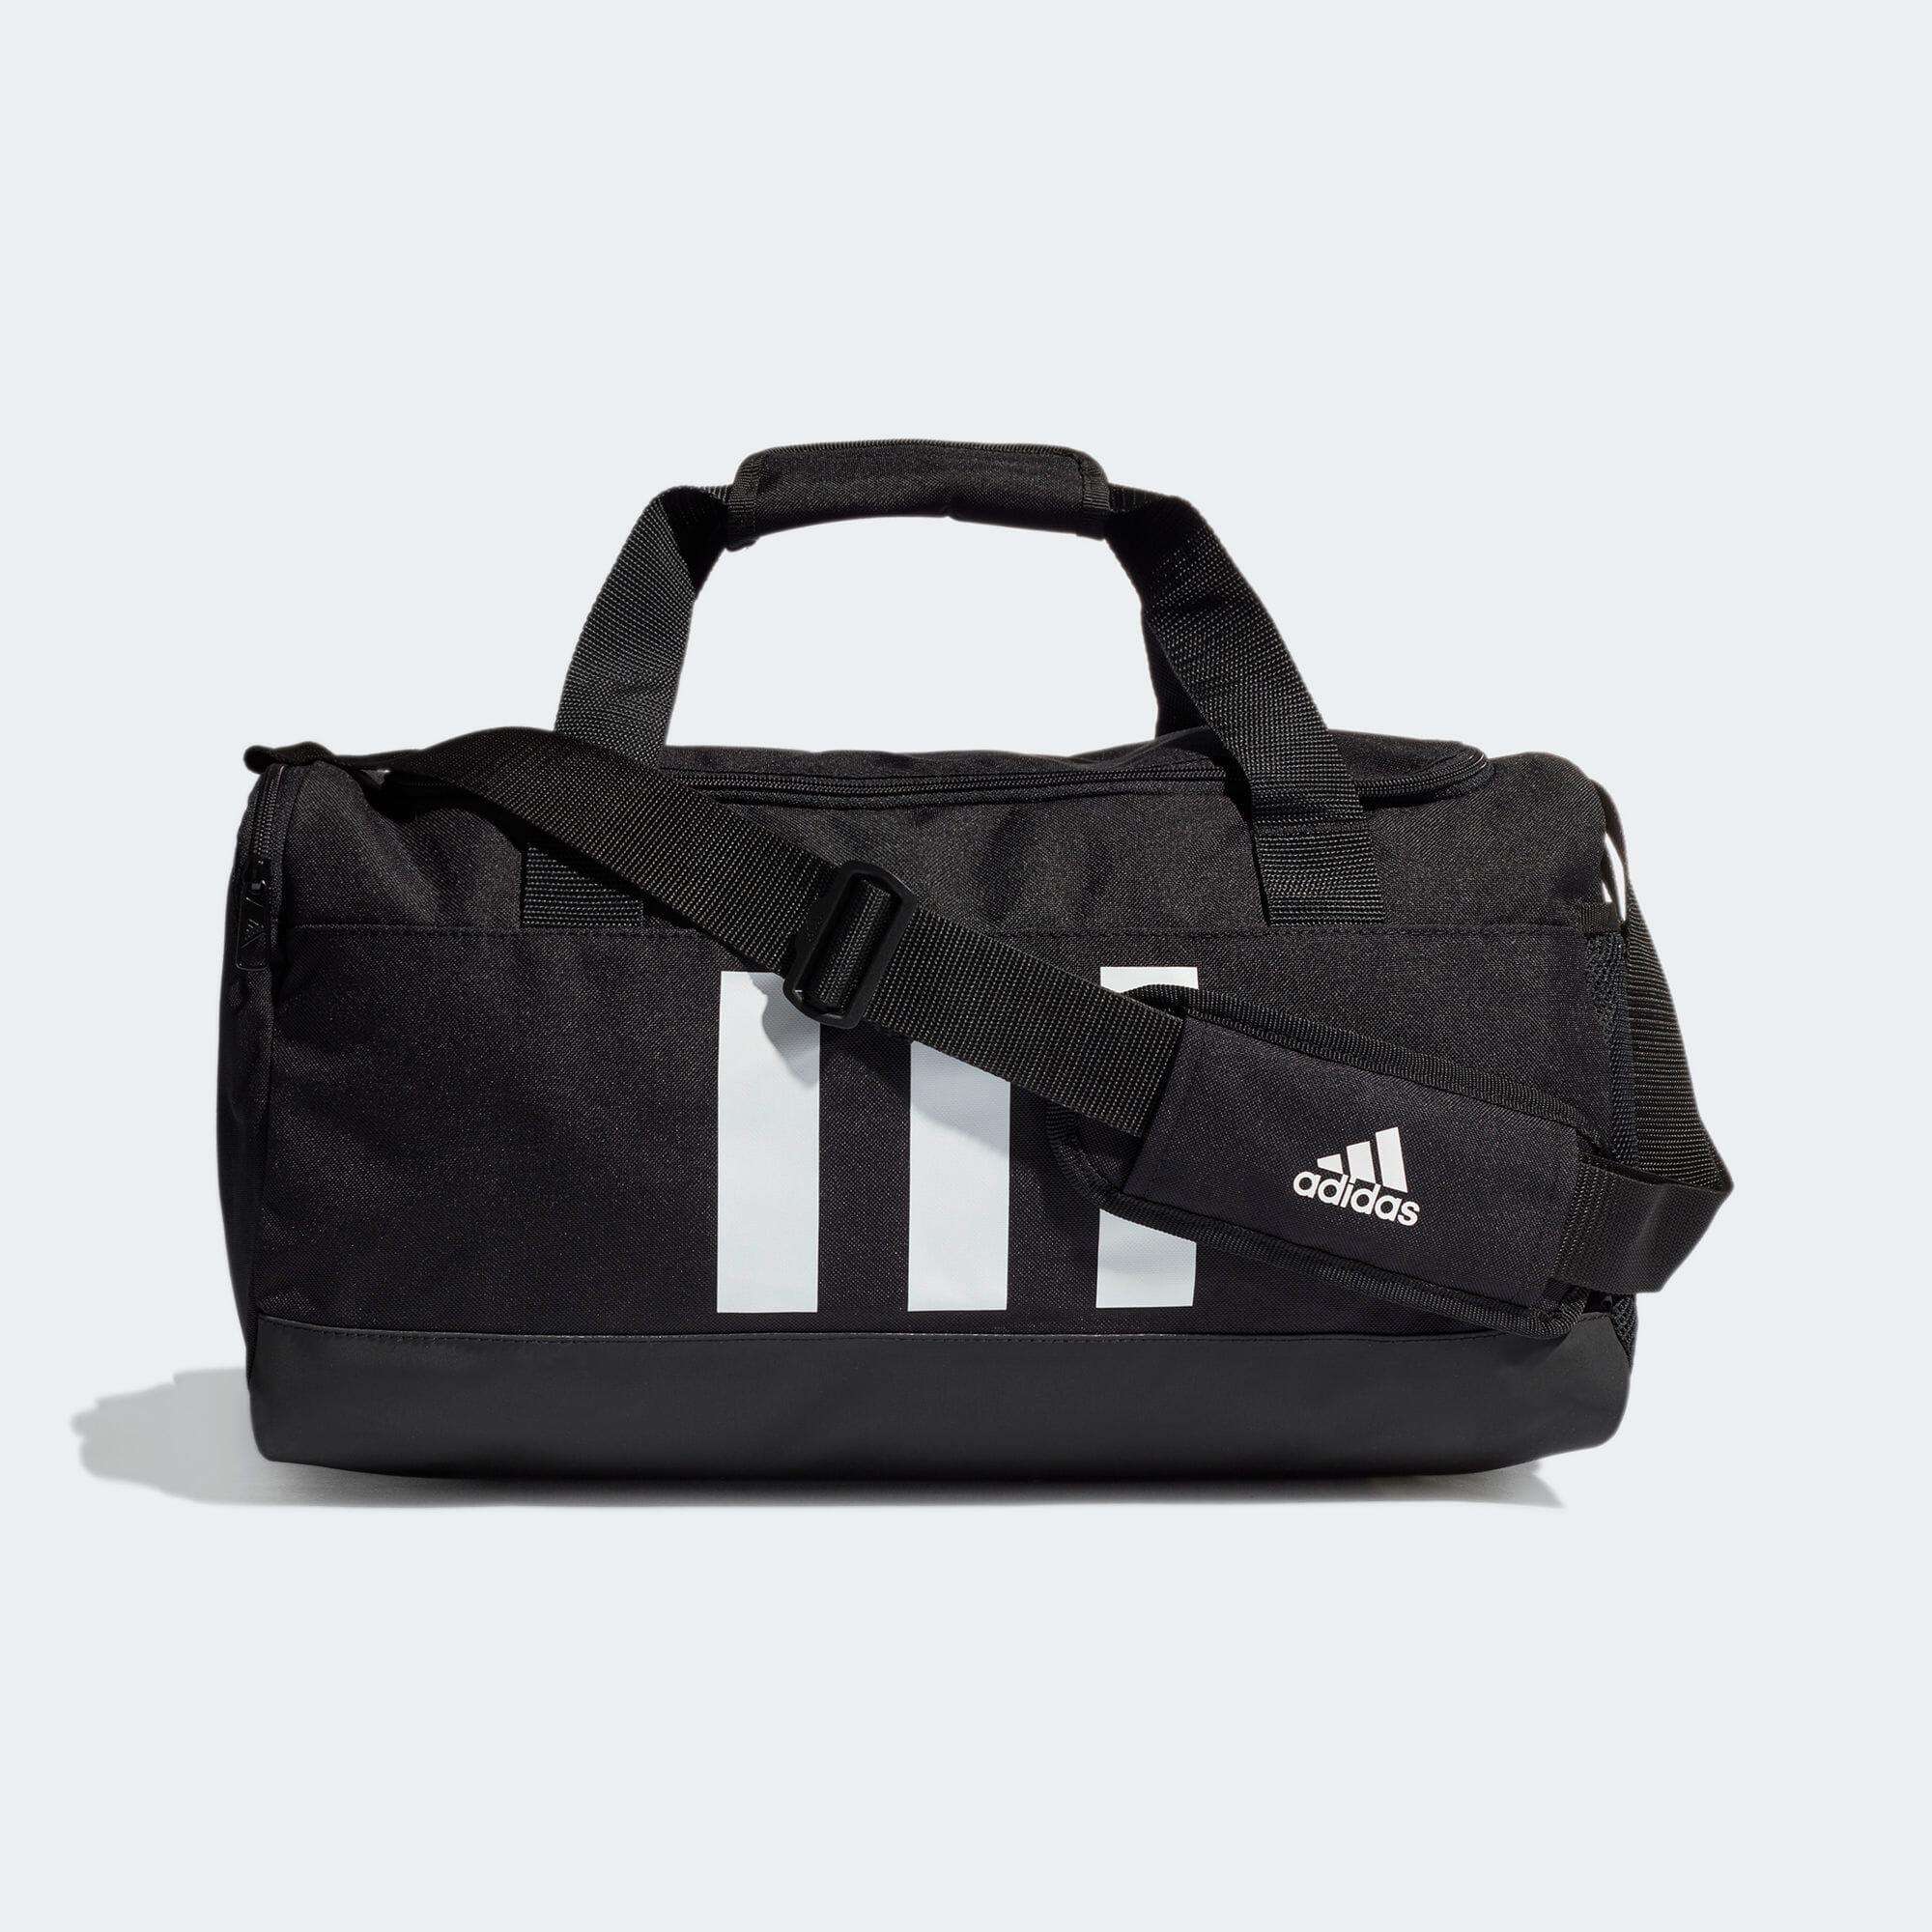 エッセンシャルズ 3ストライプス ダッフルバッグ(S)/ Essentials 3-Stripes Duffel Bag Small